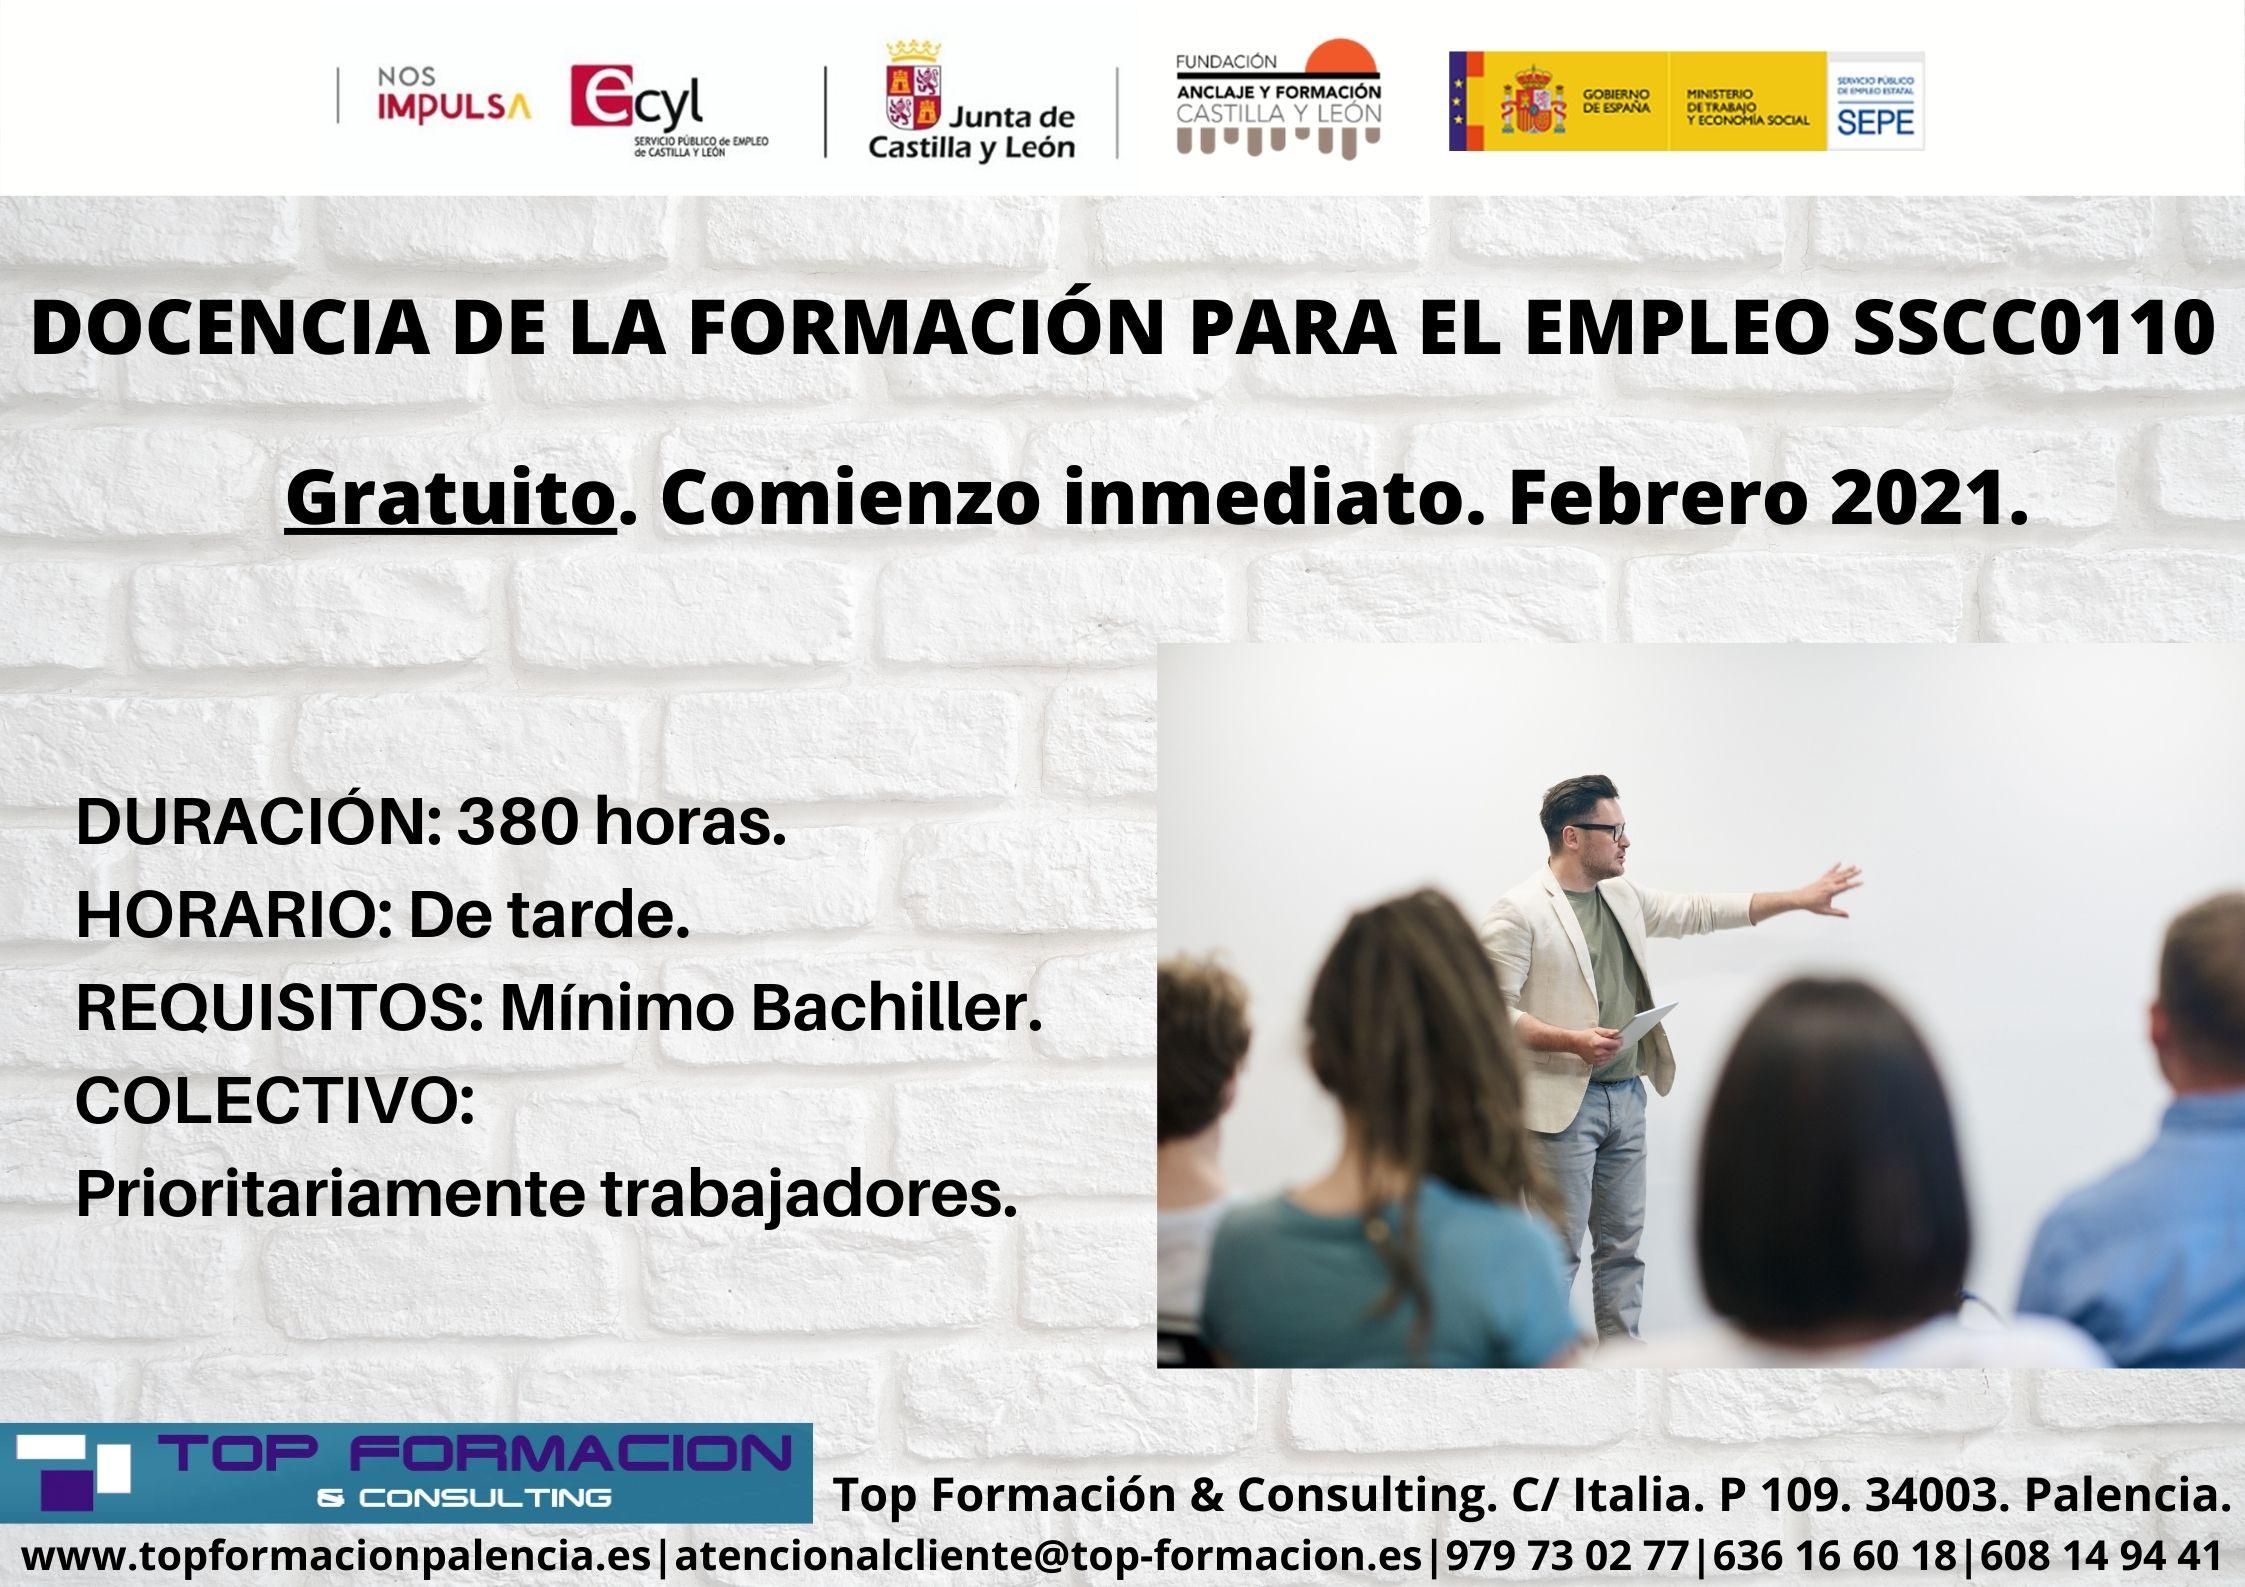 Top Formacion Consulting Cursos De Formacion Gratis En Palencia